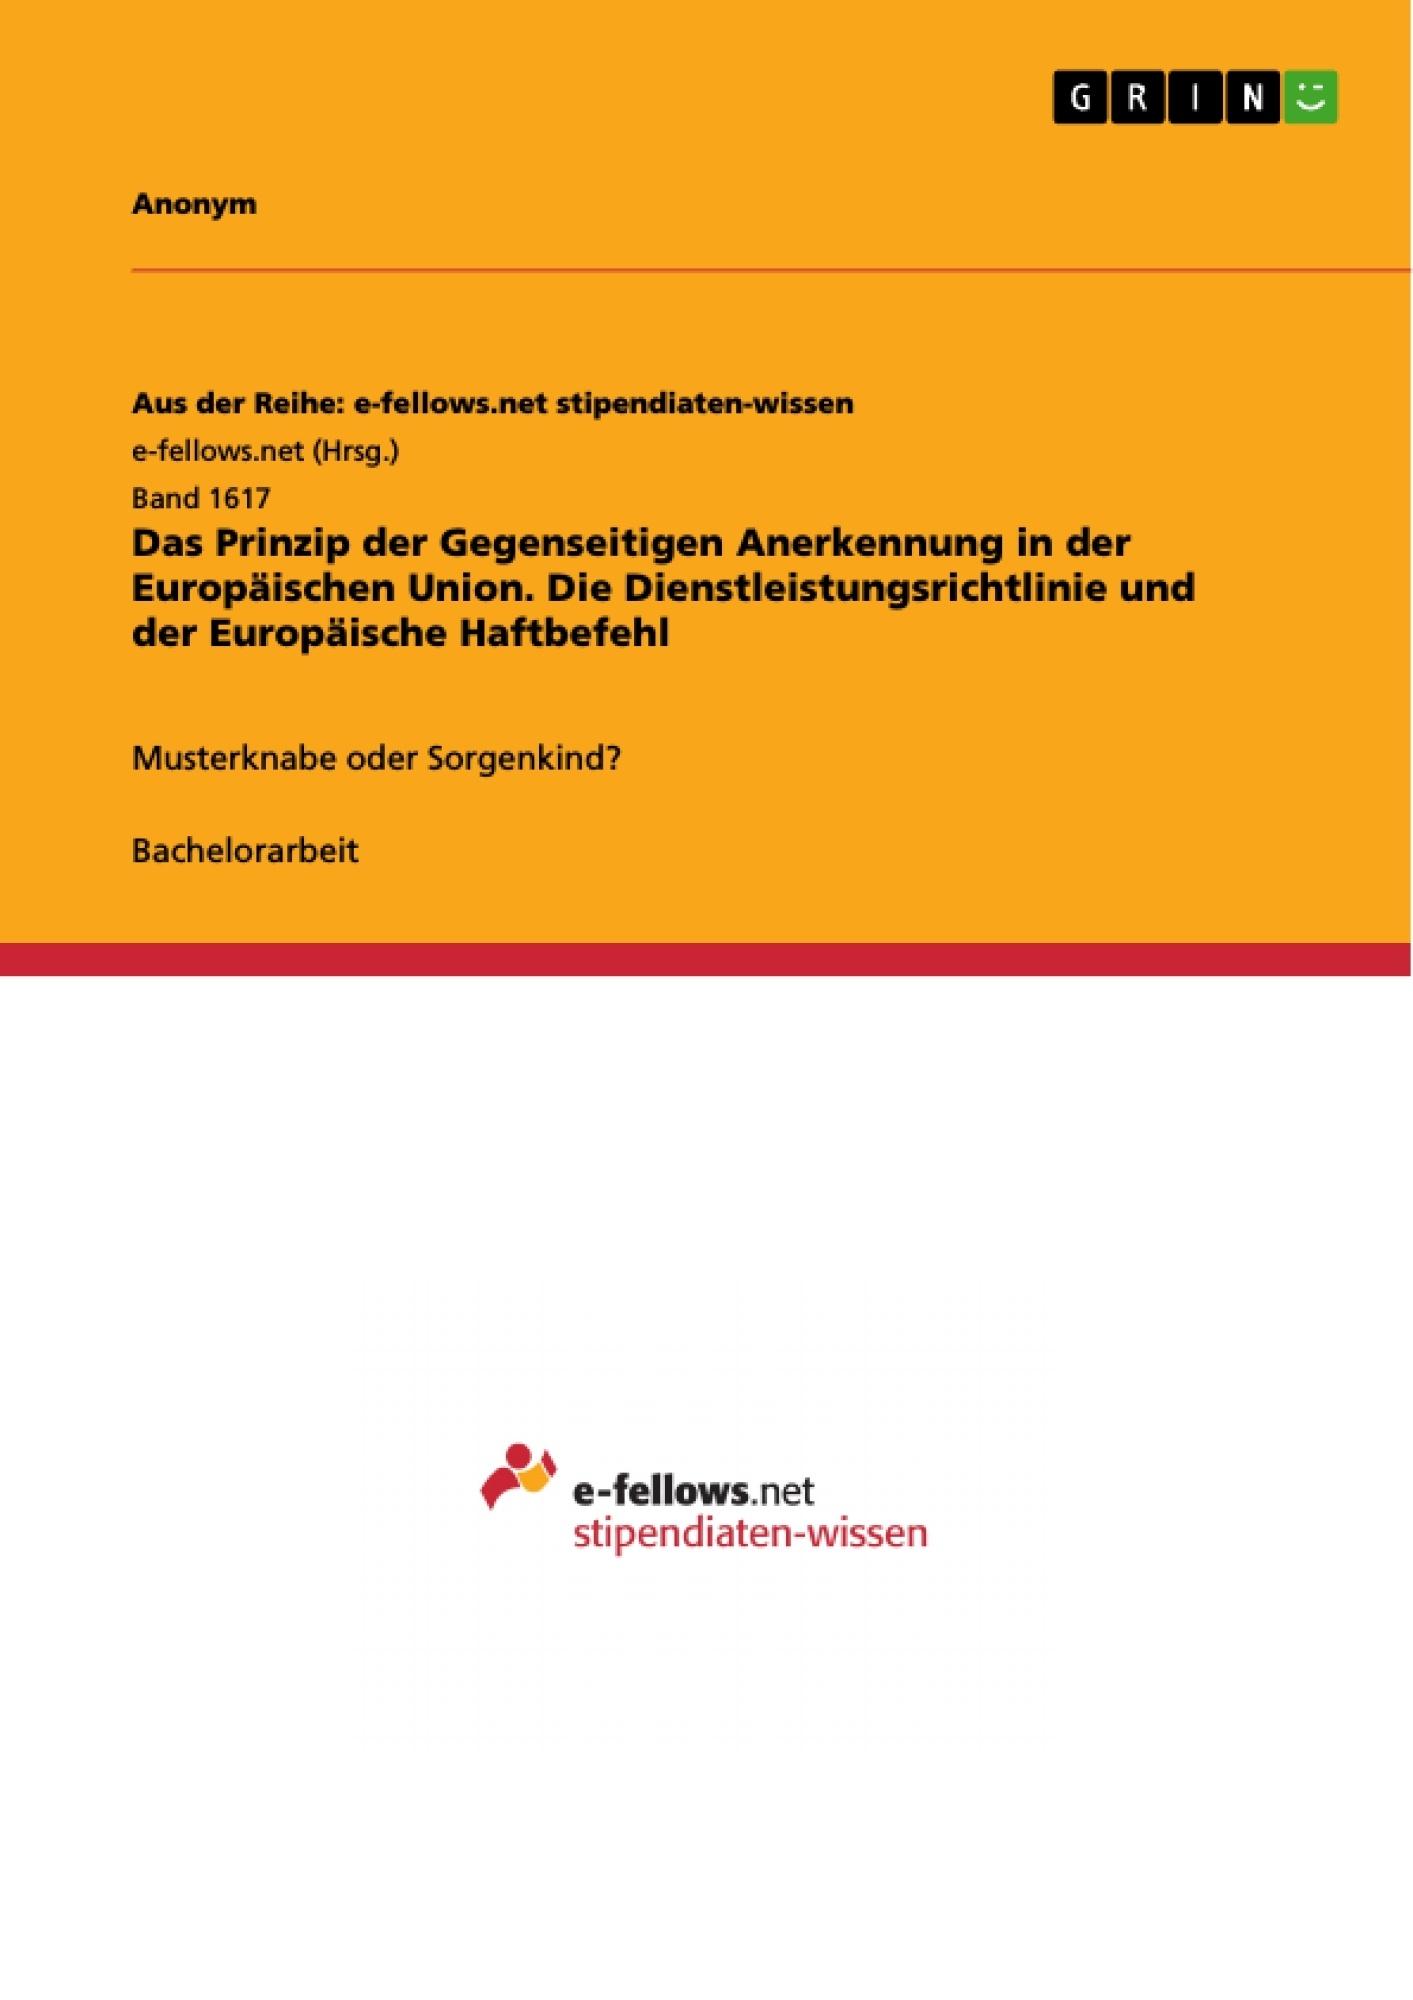 Titel: Das Prinzip der Gegenseitigen Anerkennung in der Europäischen Union. Die Dienstleistungsrichtlinie und der Europäische Haftbefehl